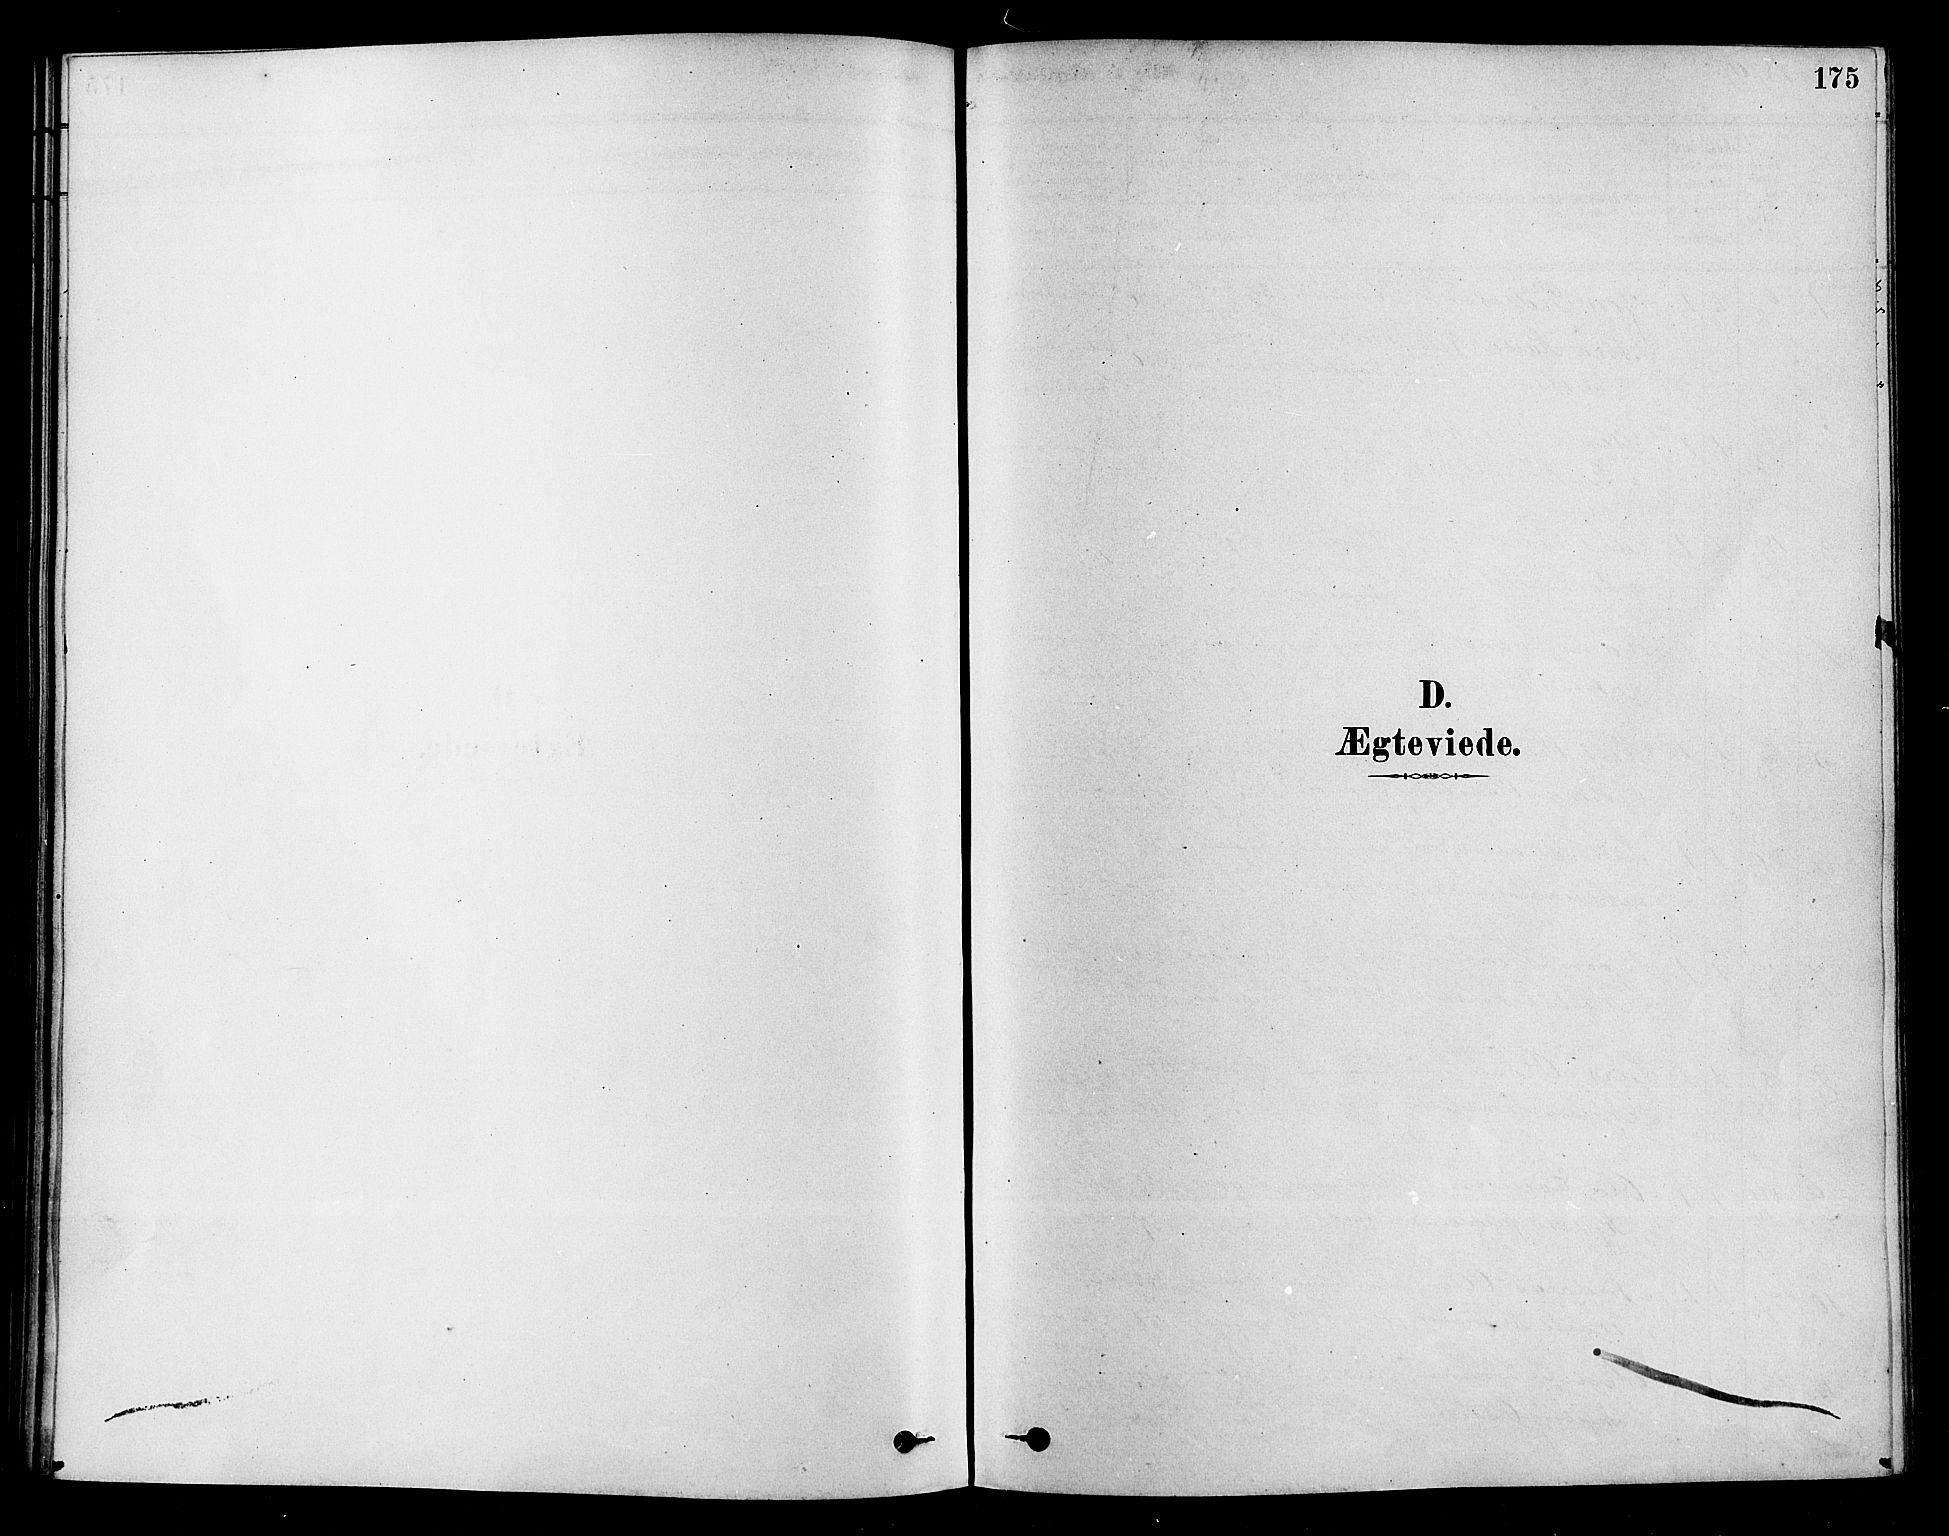 SAKO, Sigdal kirkebøker, F/Fa/L0011: Ministerialbok nr. I 11, 1879-1887, s. 175